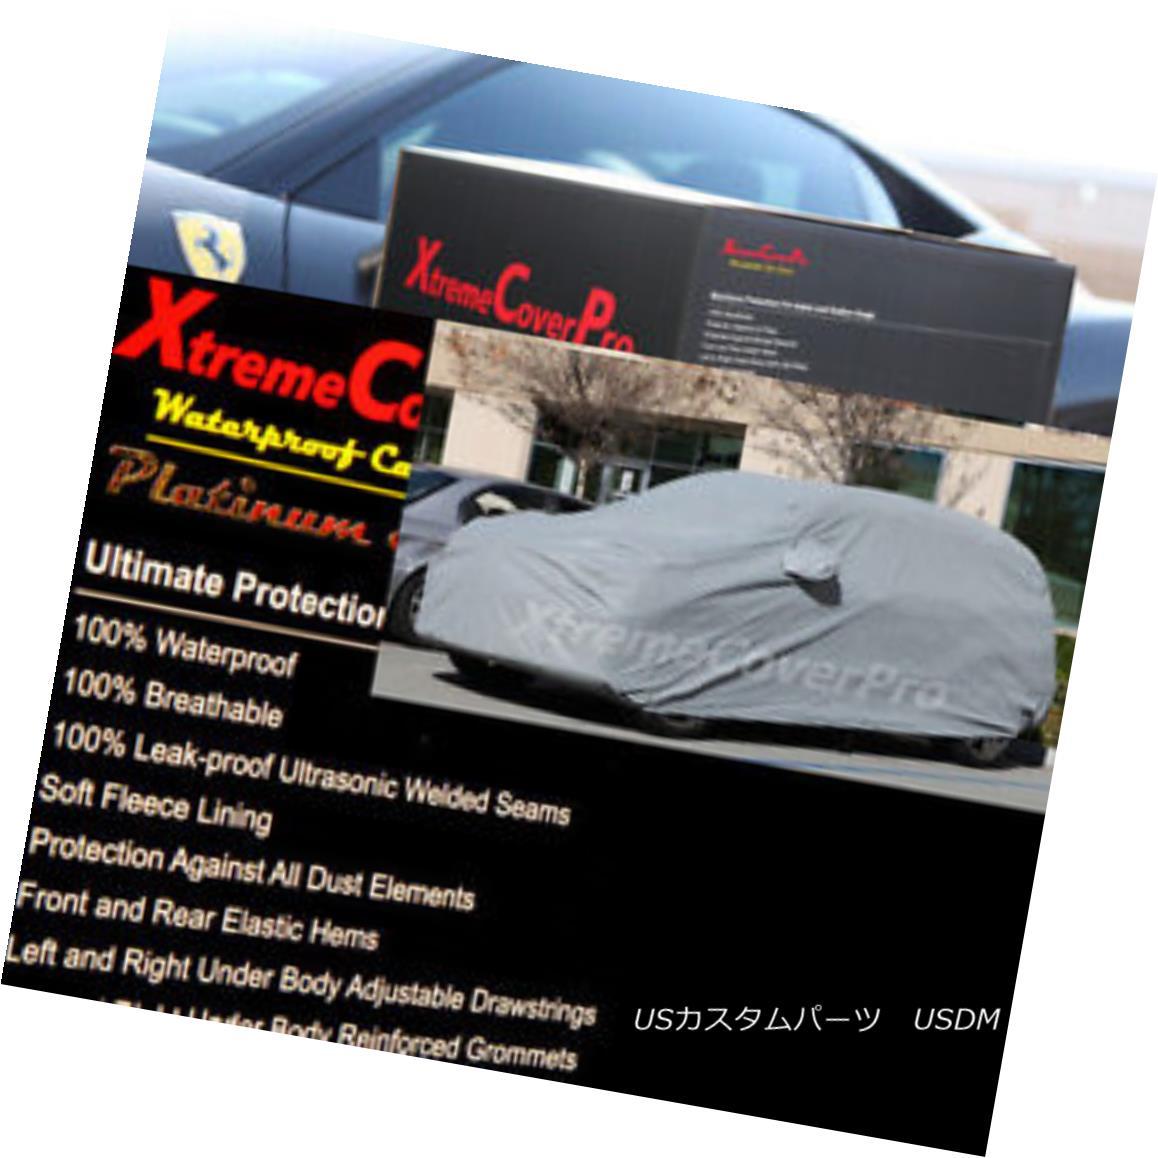 カーカバー 2015 CHEVROLET EQUINOX Waterproof Car Cover w/Mirror Pockets - Gray 2015 CHEVROLET EQUINOX防水カーカバー付き/ミラーポケット - グレー